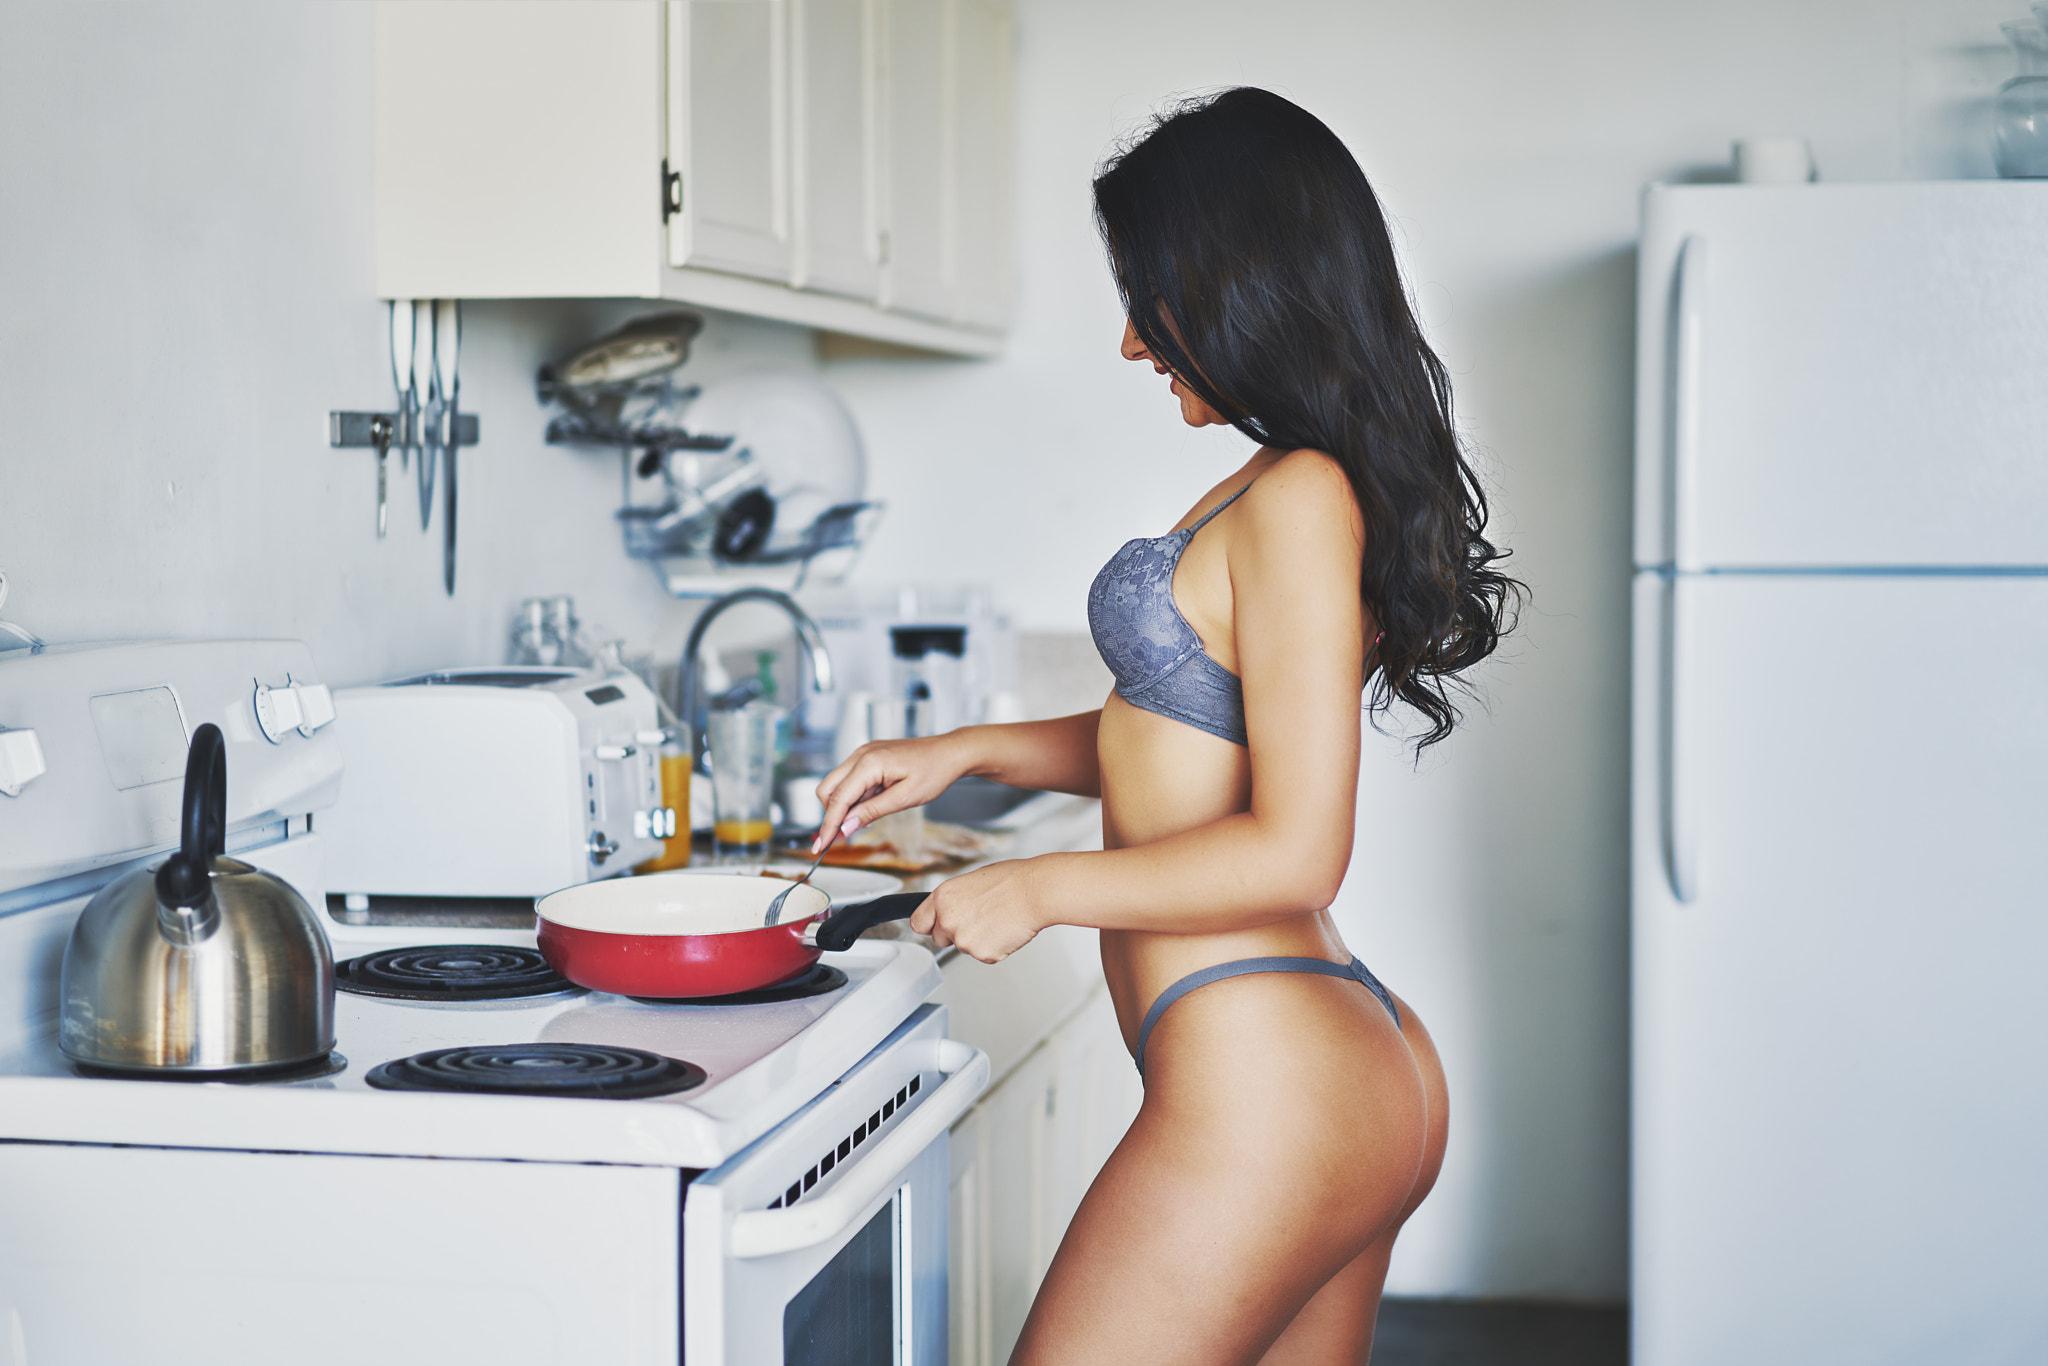 девушка развлекаться на кухне всего